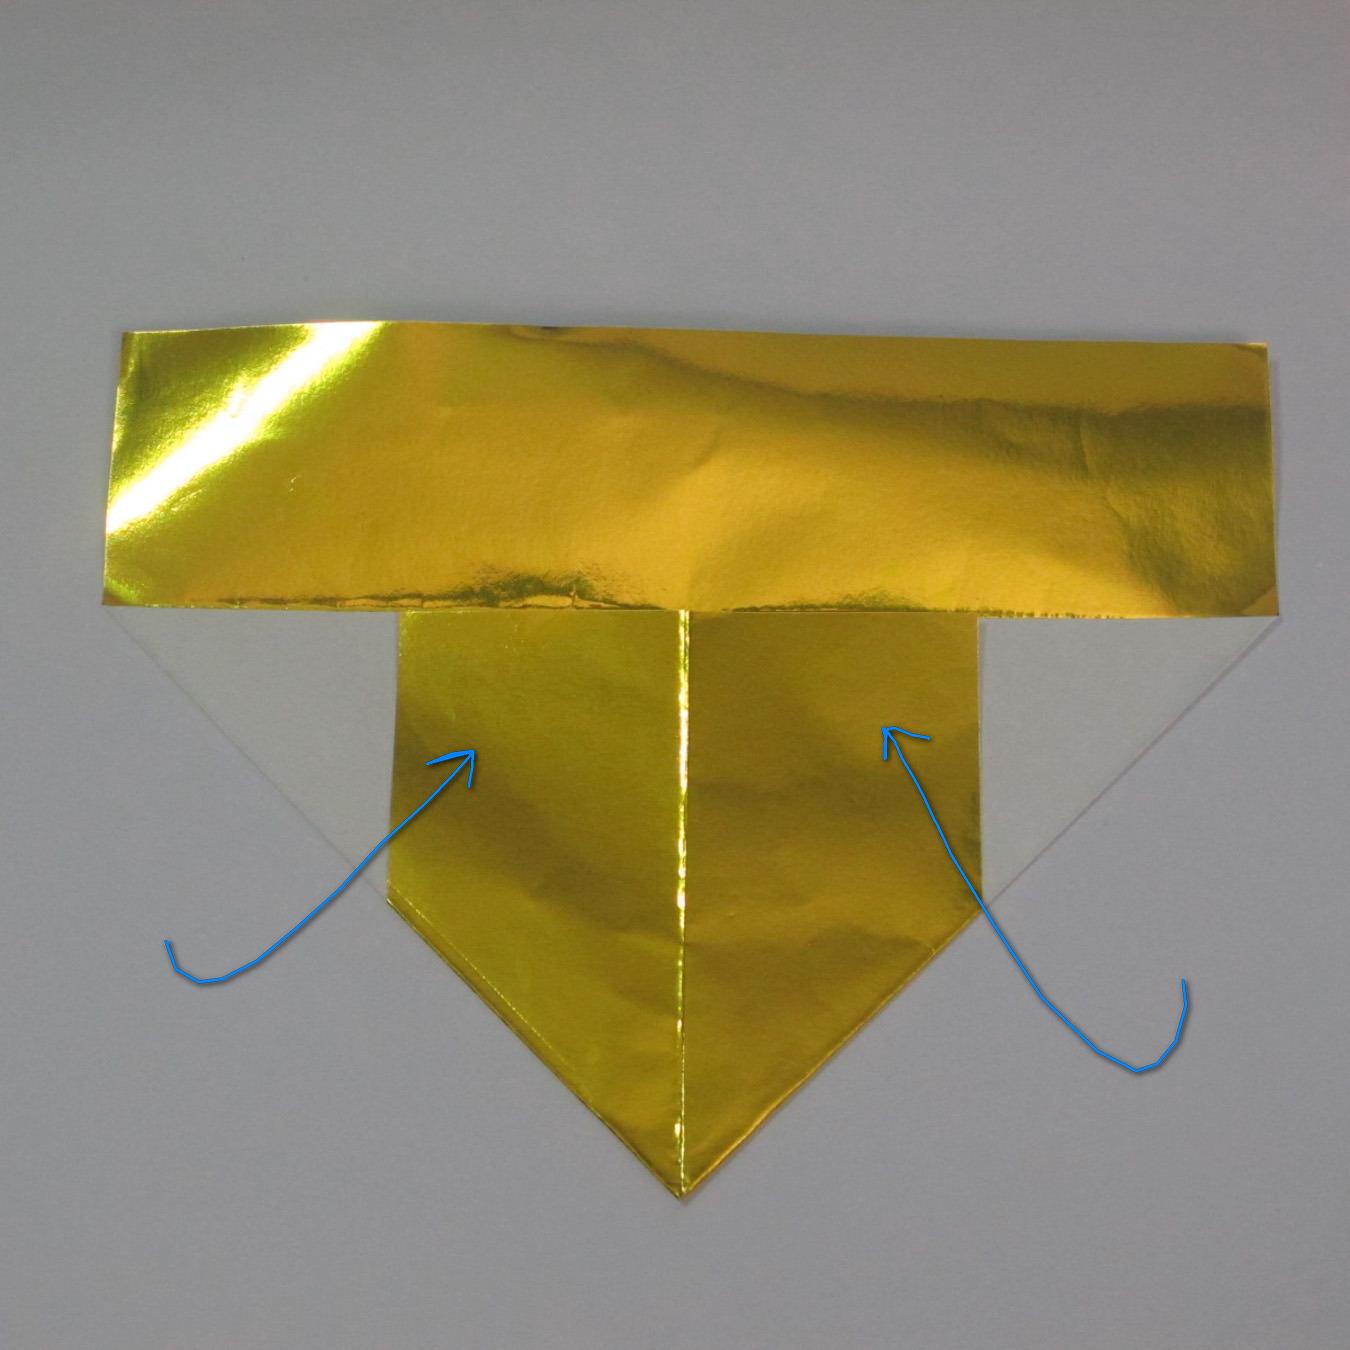 วิธีพับกระดาษเป็นรูปหัวใจติดปีก (Heart Wing Origami) 007